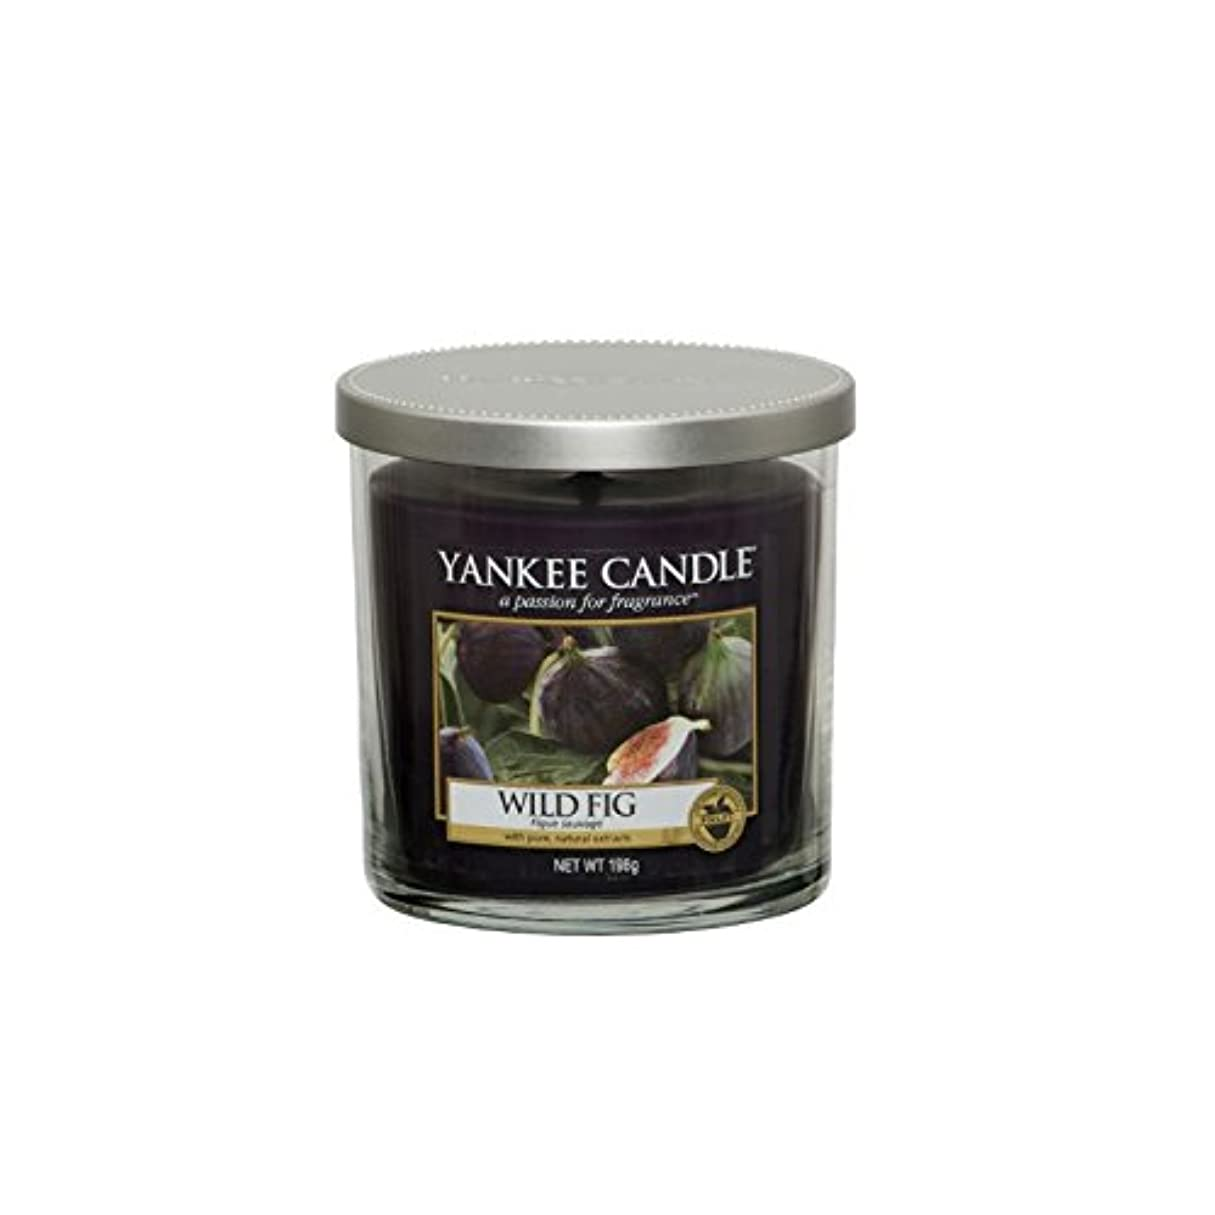 ゴージャス人類シチリアヤンキーキャンドルの小さな柱キャンドル - 野生のイチジク - Yankee Candles Small Pillar Candle - Wild Fig (Yankee Candles) [並行輸入品]